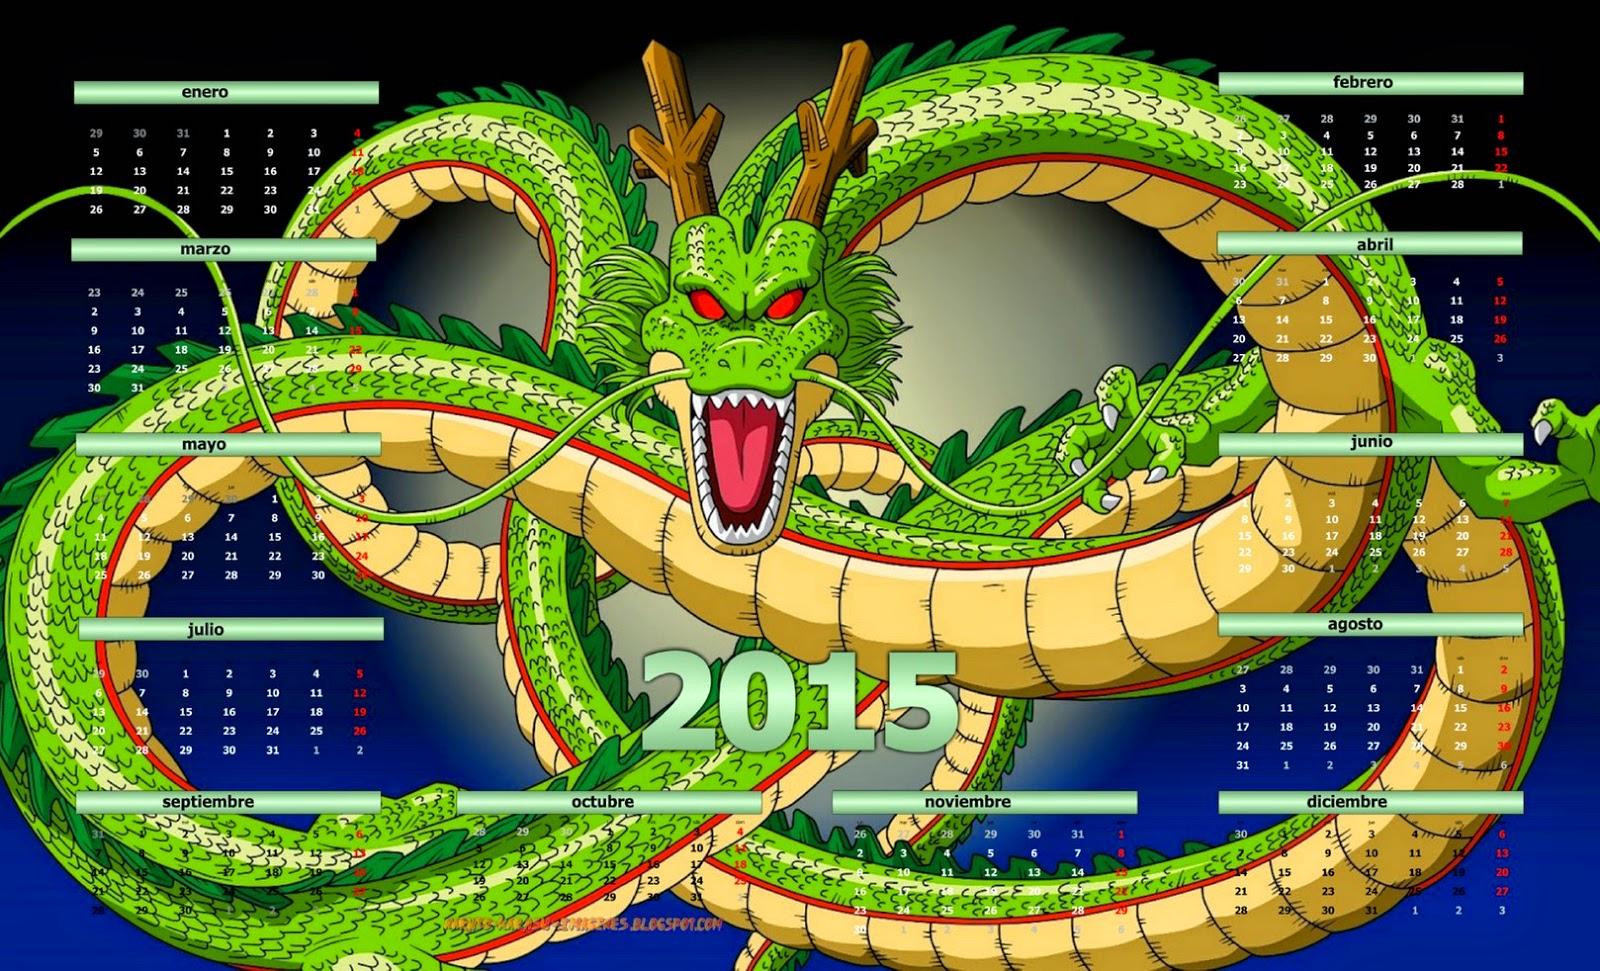 Anim im genes by akatsuki karasu calendarios 2015 dragon for Cuartos decorados de dragon ball z